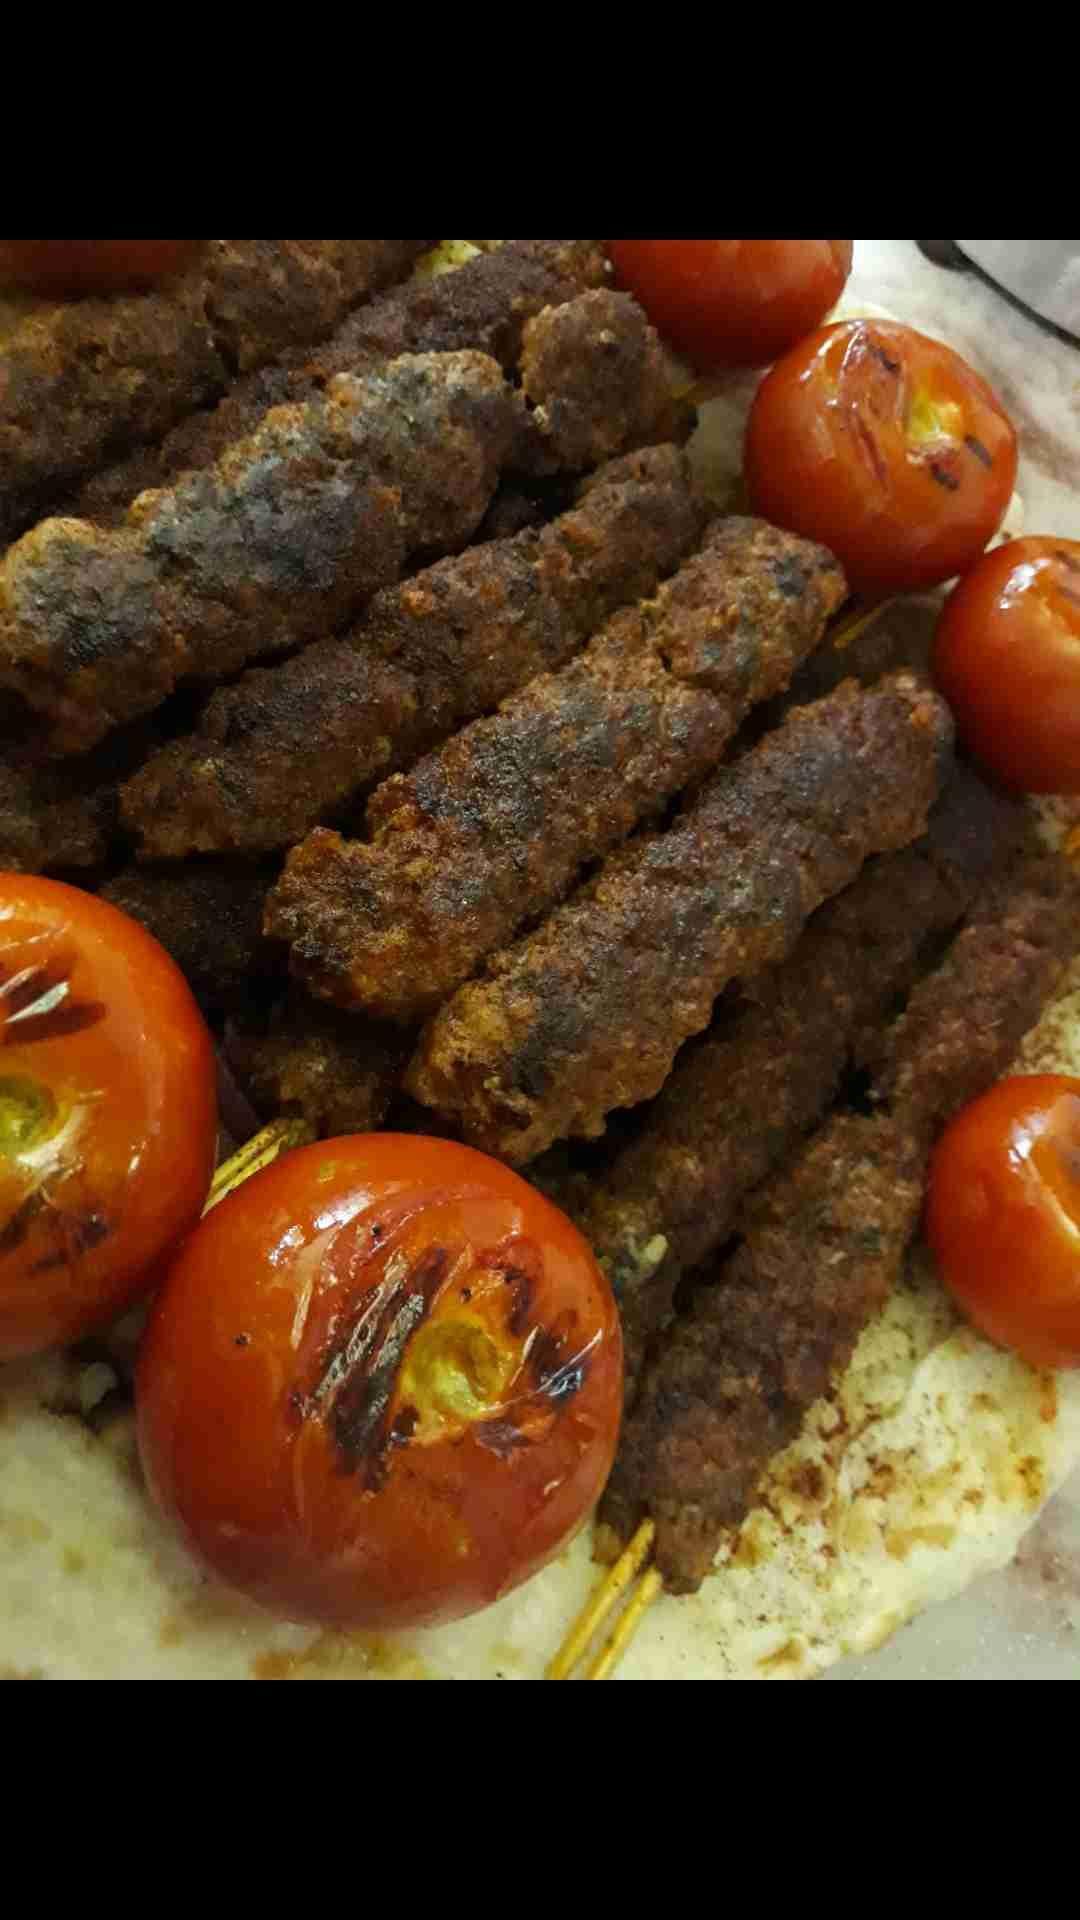 الكباب العراقي المشوي اللذيذ الطريقة الثانية ملكة الأكلات العراقية زاكي Recipe Food Traditional Food Cooking